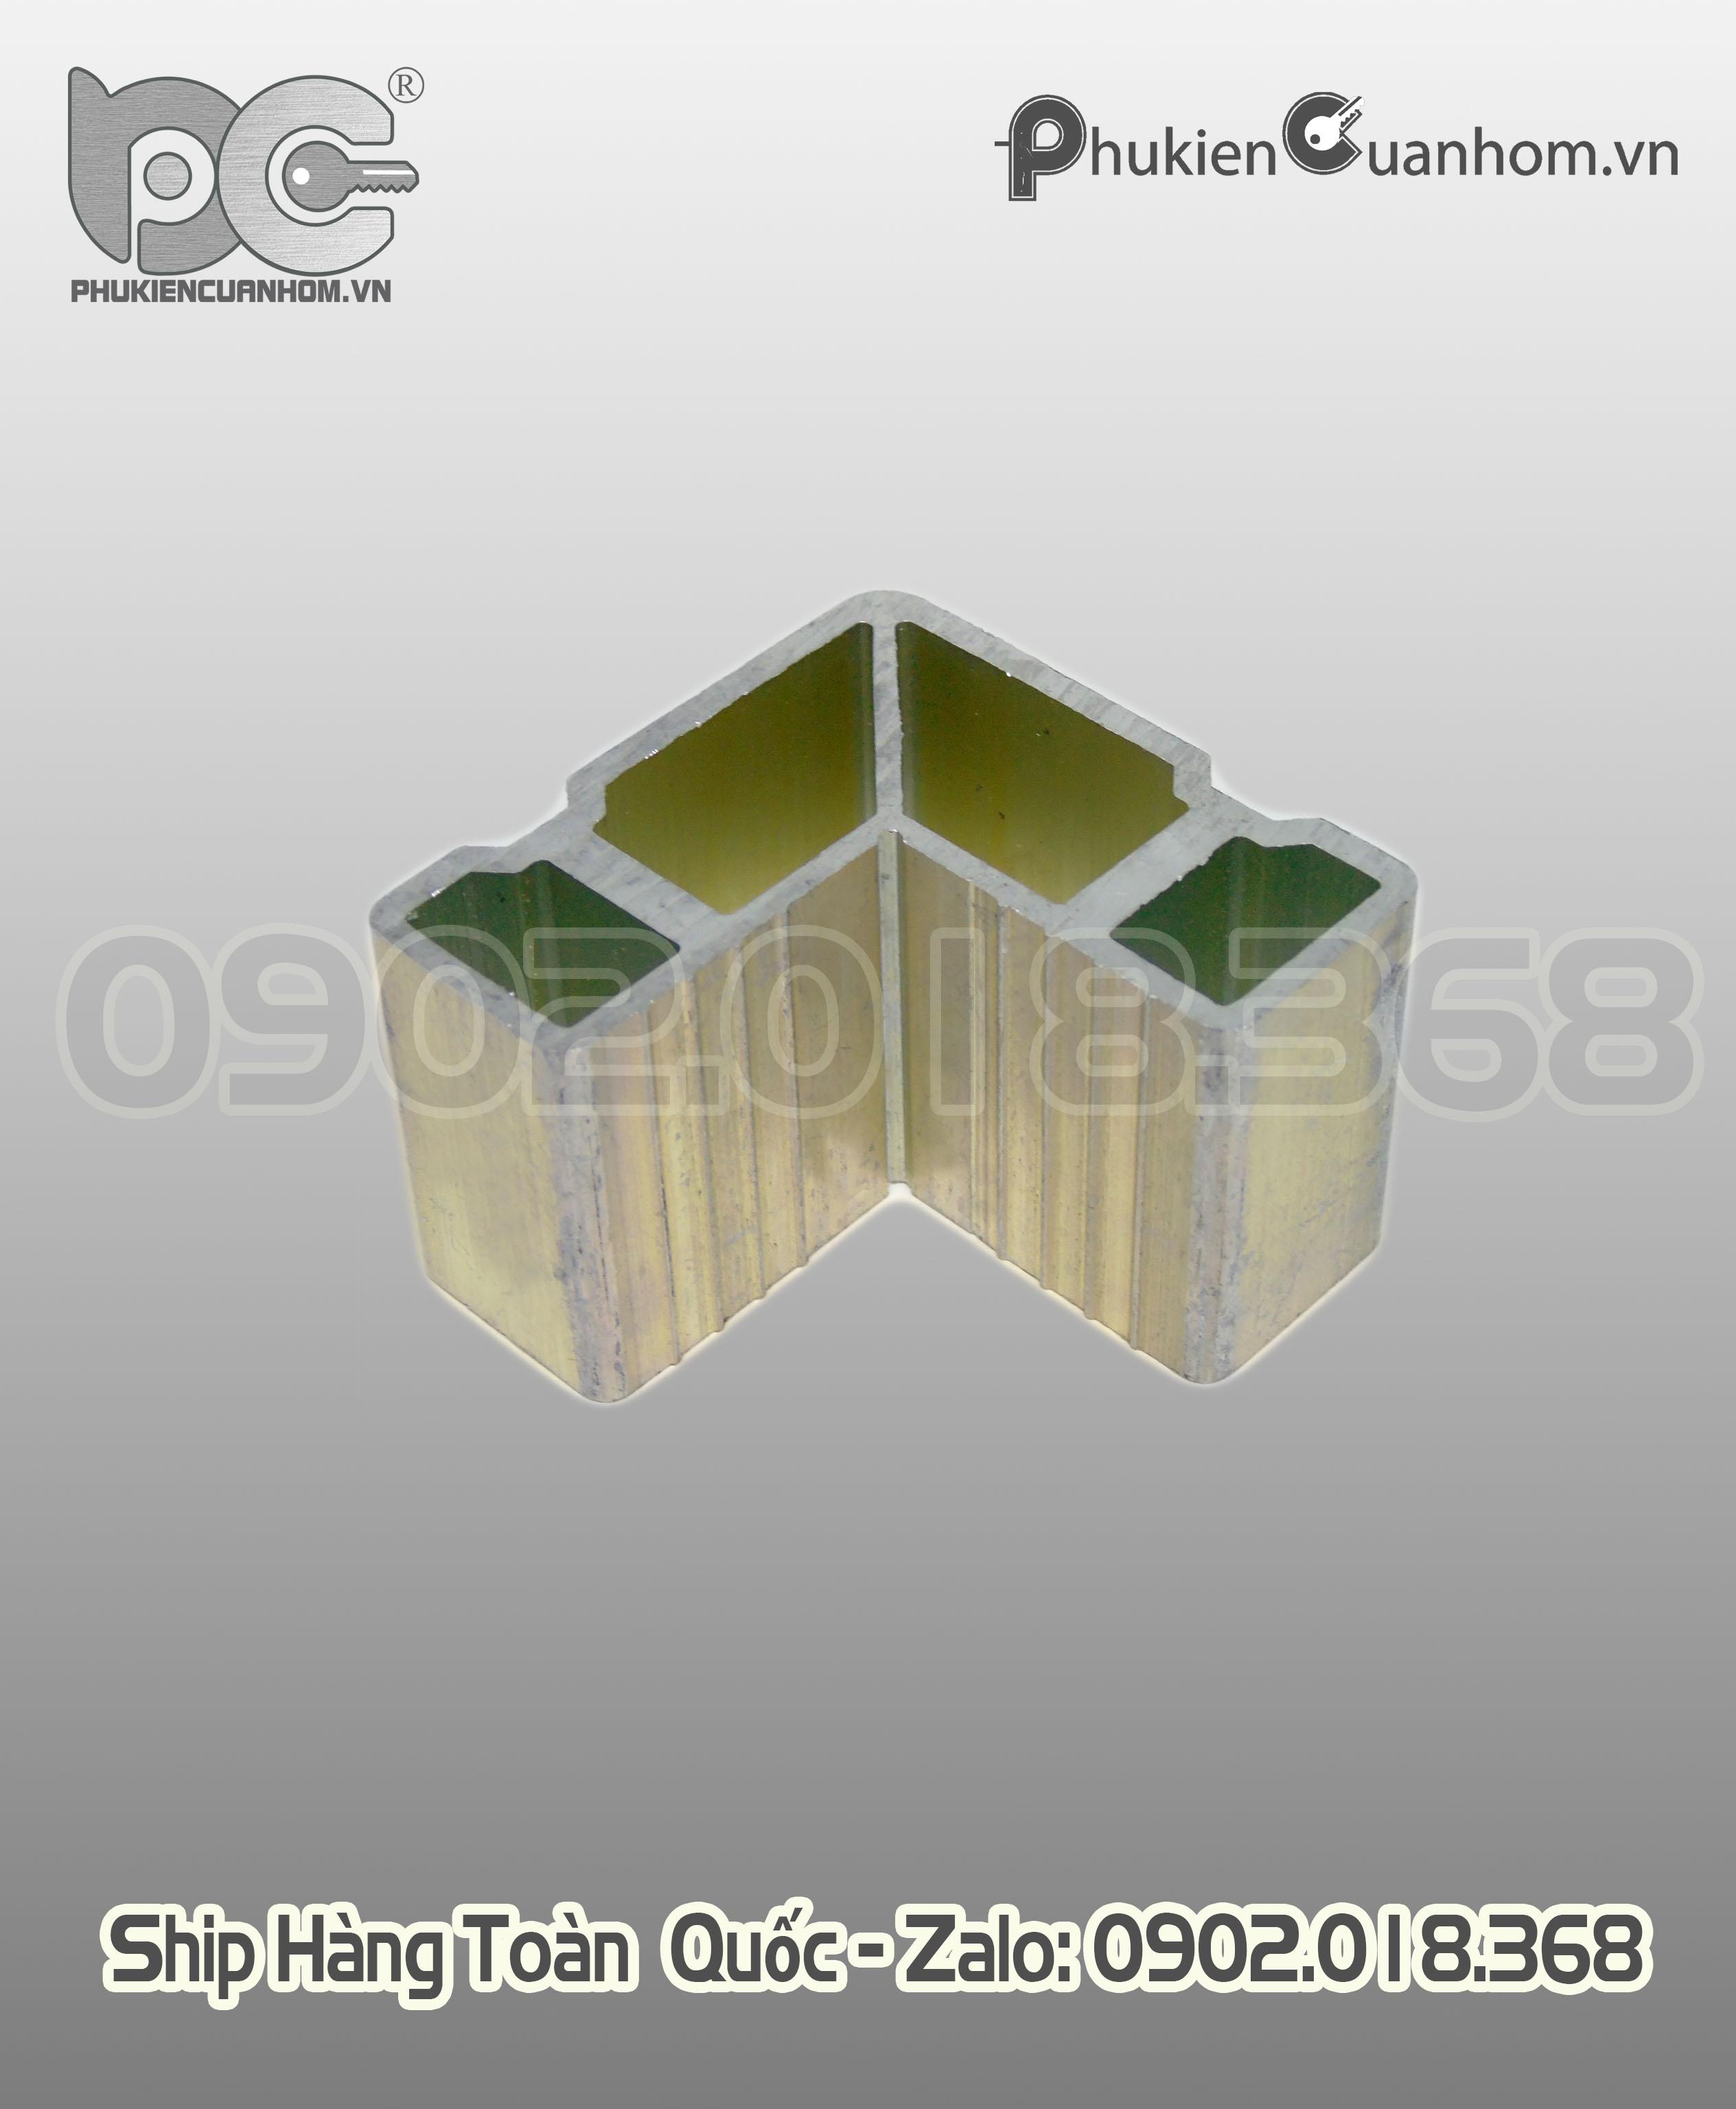 Ke ép góc có xử lý bề mặt cánh cửa sổ mở nhôm Xingfa hệ 55 C8092